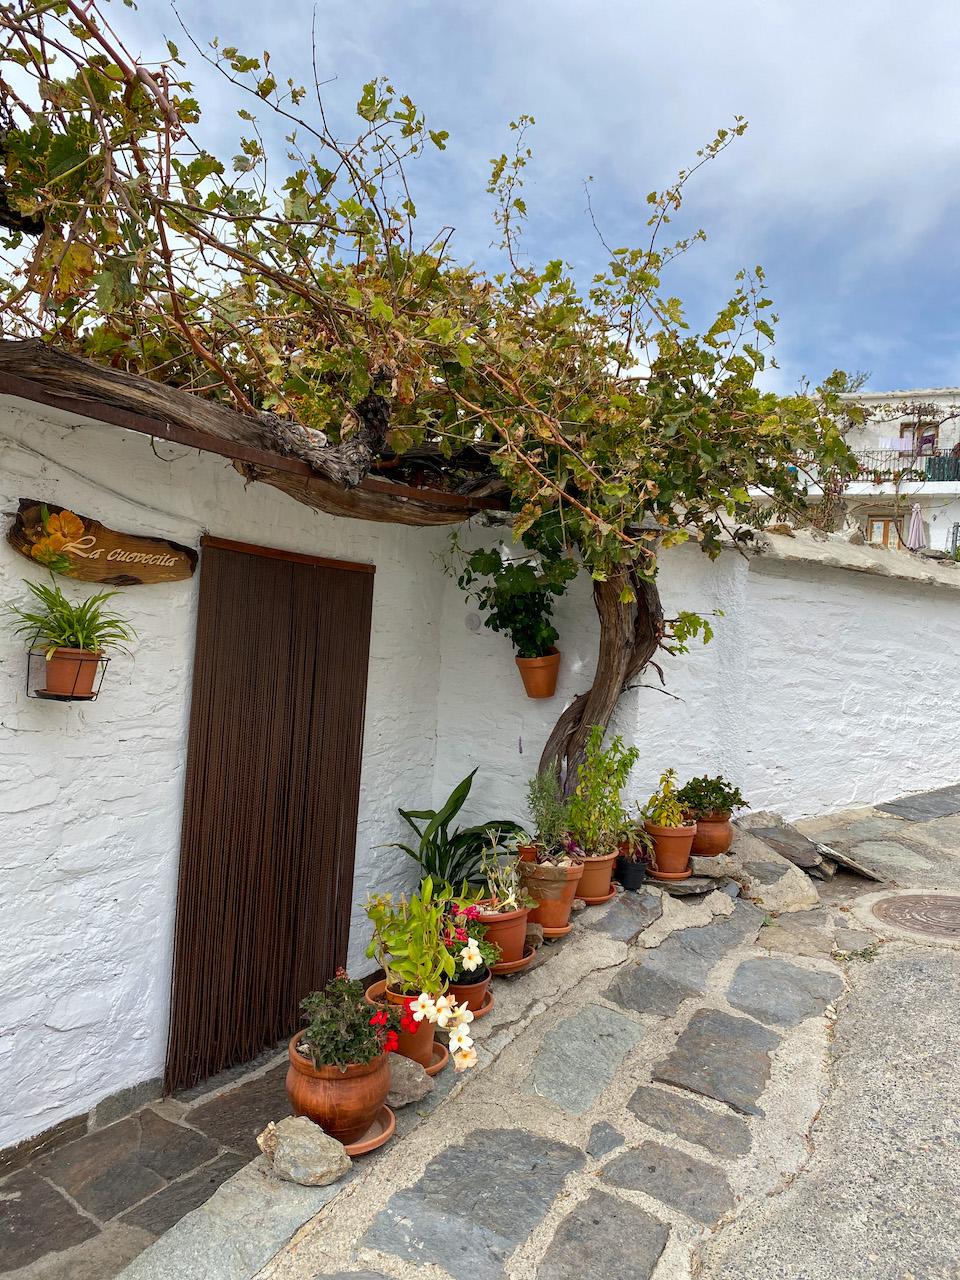 Capileira mooiste dorp van Spanje